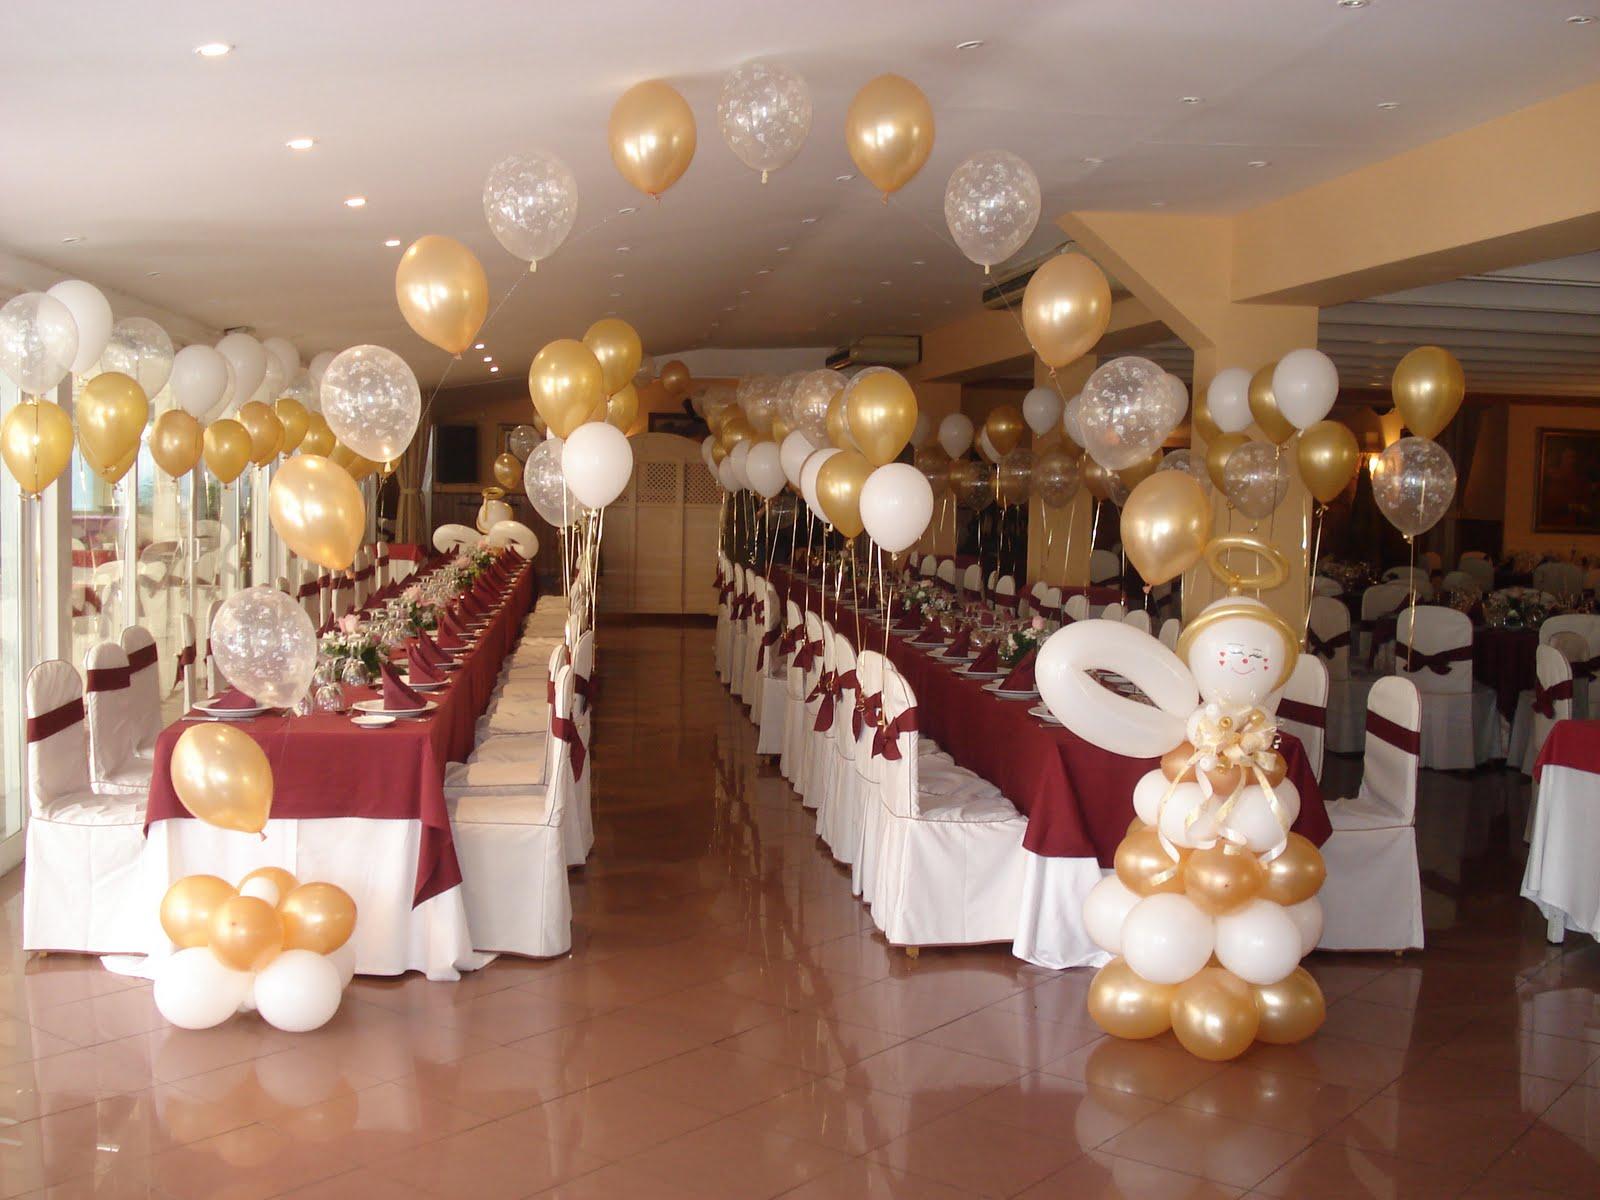 Como decorar con globos para 15 a os con fabulosas y for Decorar casa para quince anos